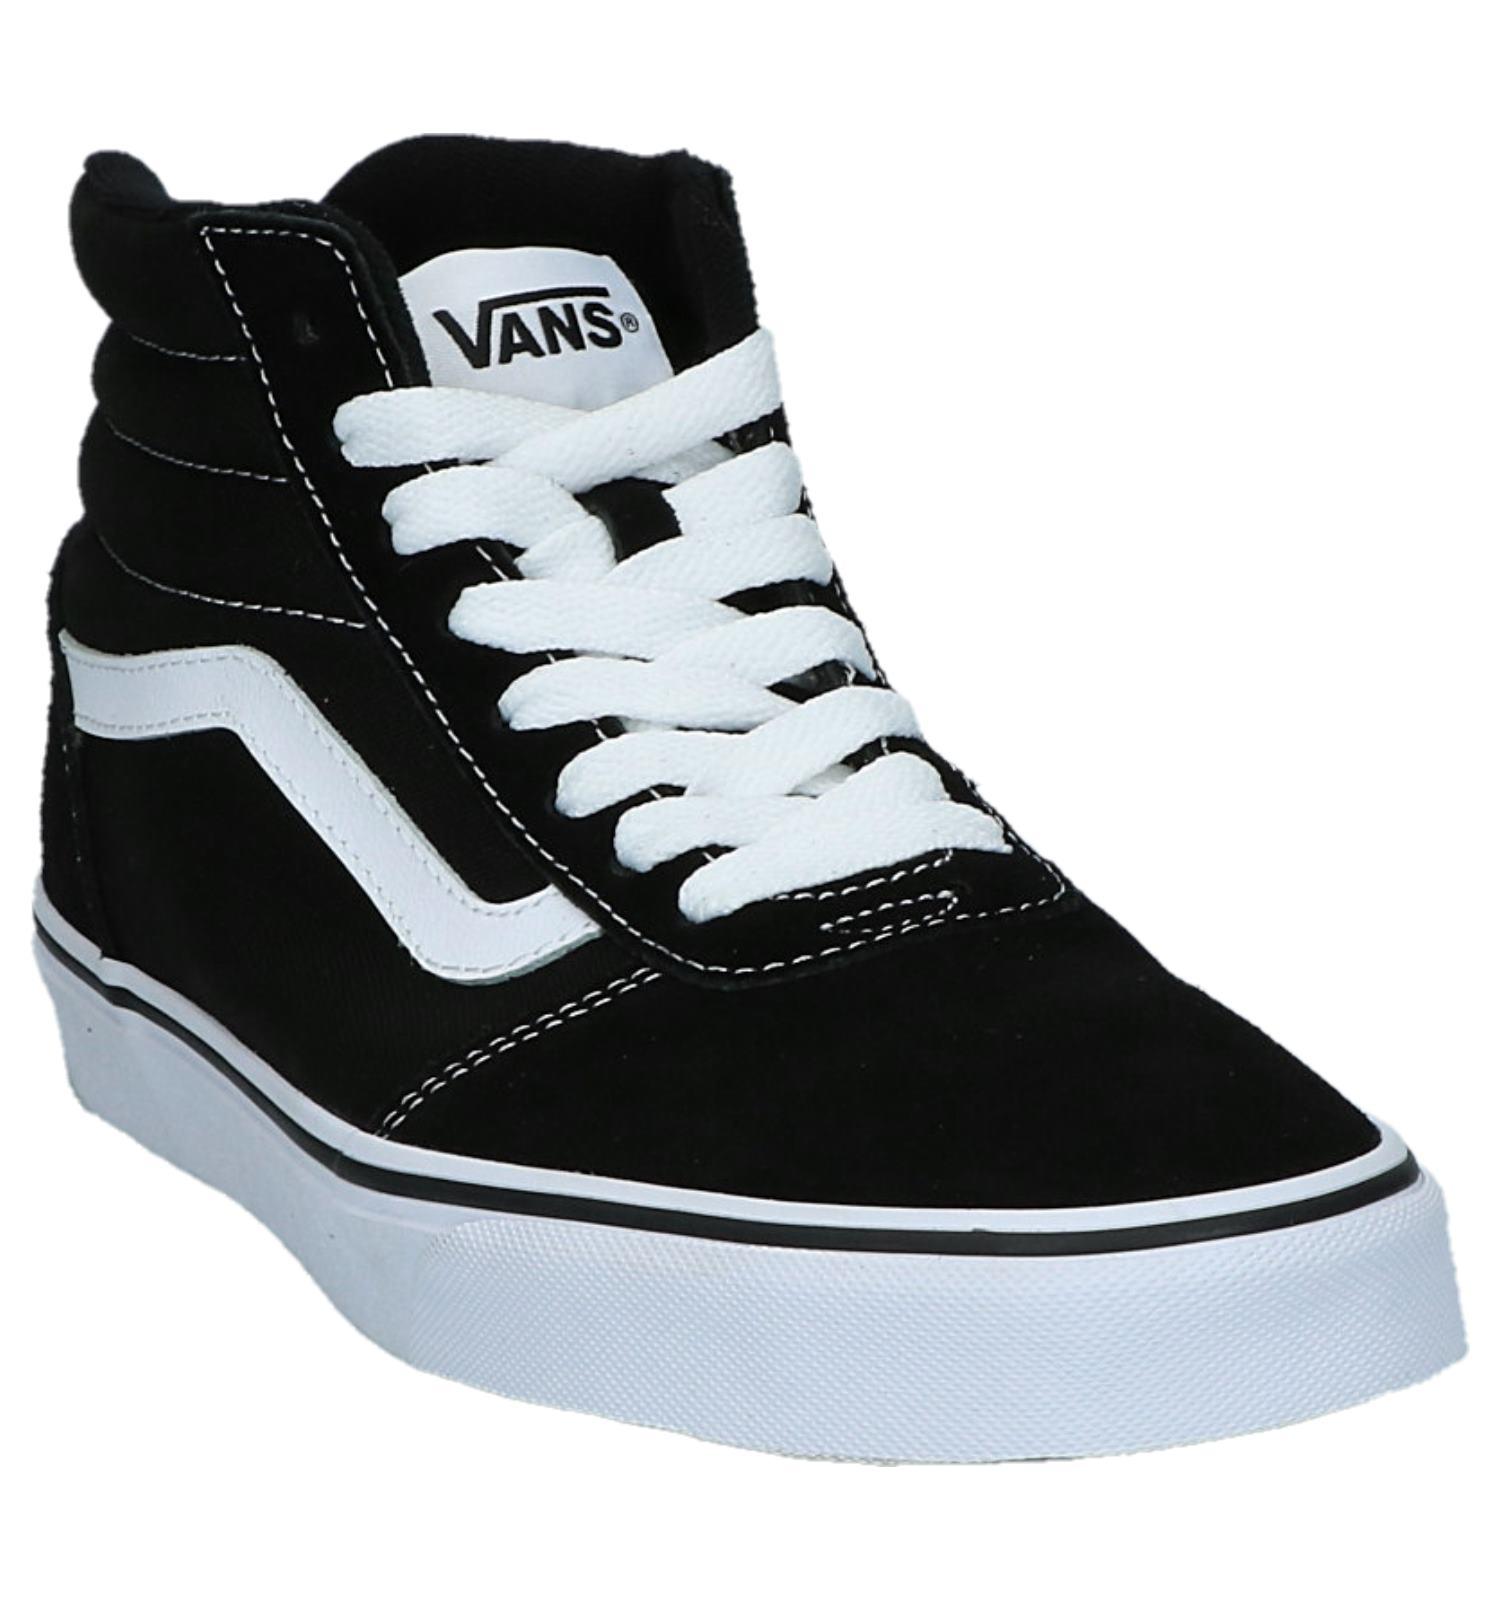 d7997abc352 Hoge Sportieve Sneakers Vans Ward Hi Zwart | TORFS.BE | Gratis verzend en  retour